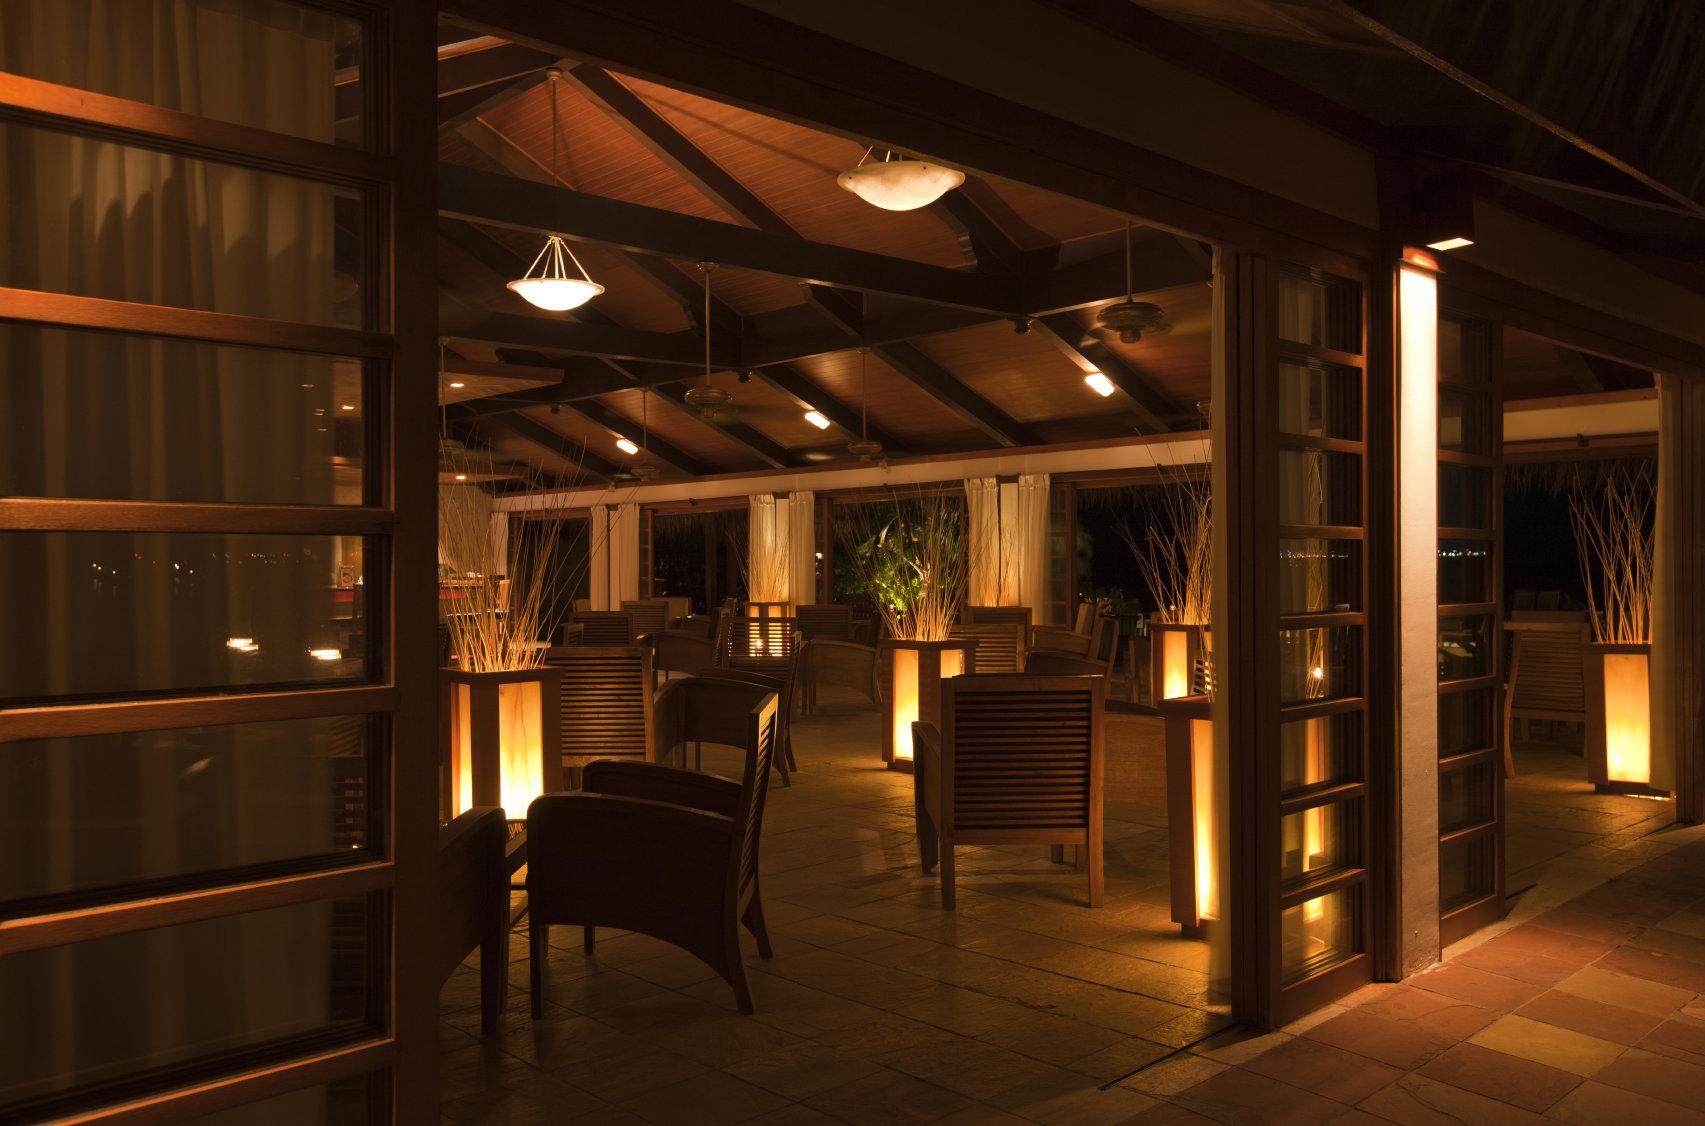 uniek dimmax led dimmer. Black Bedroom Furniture Sets. Home Design Ideas